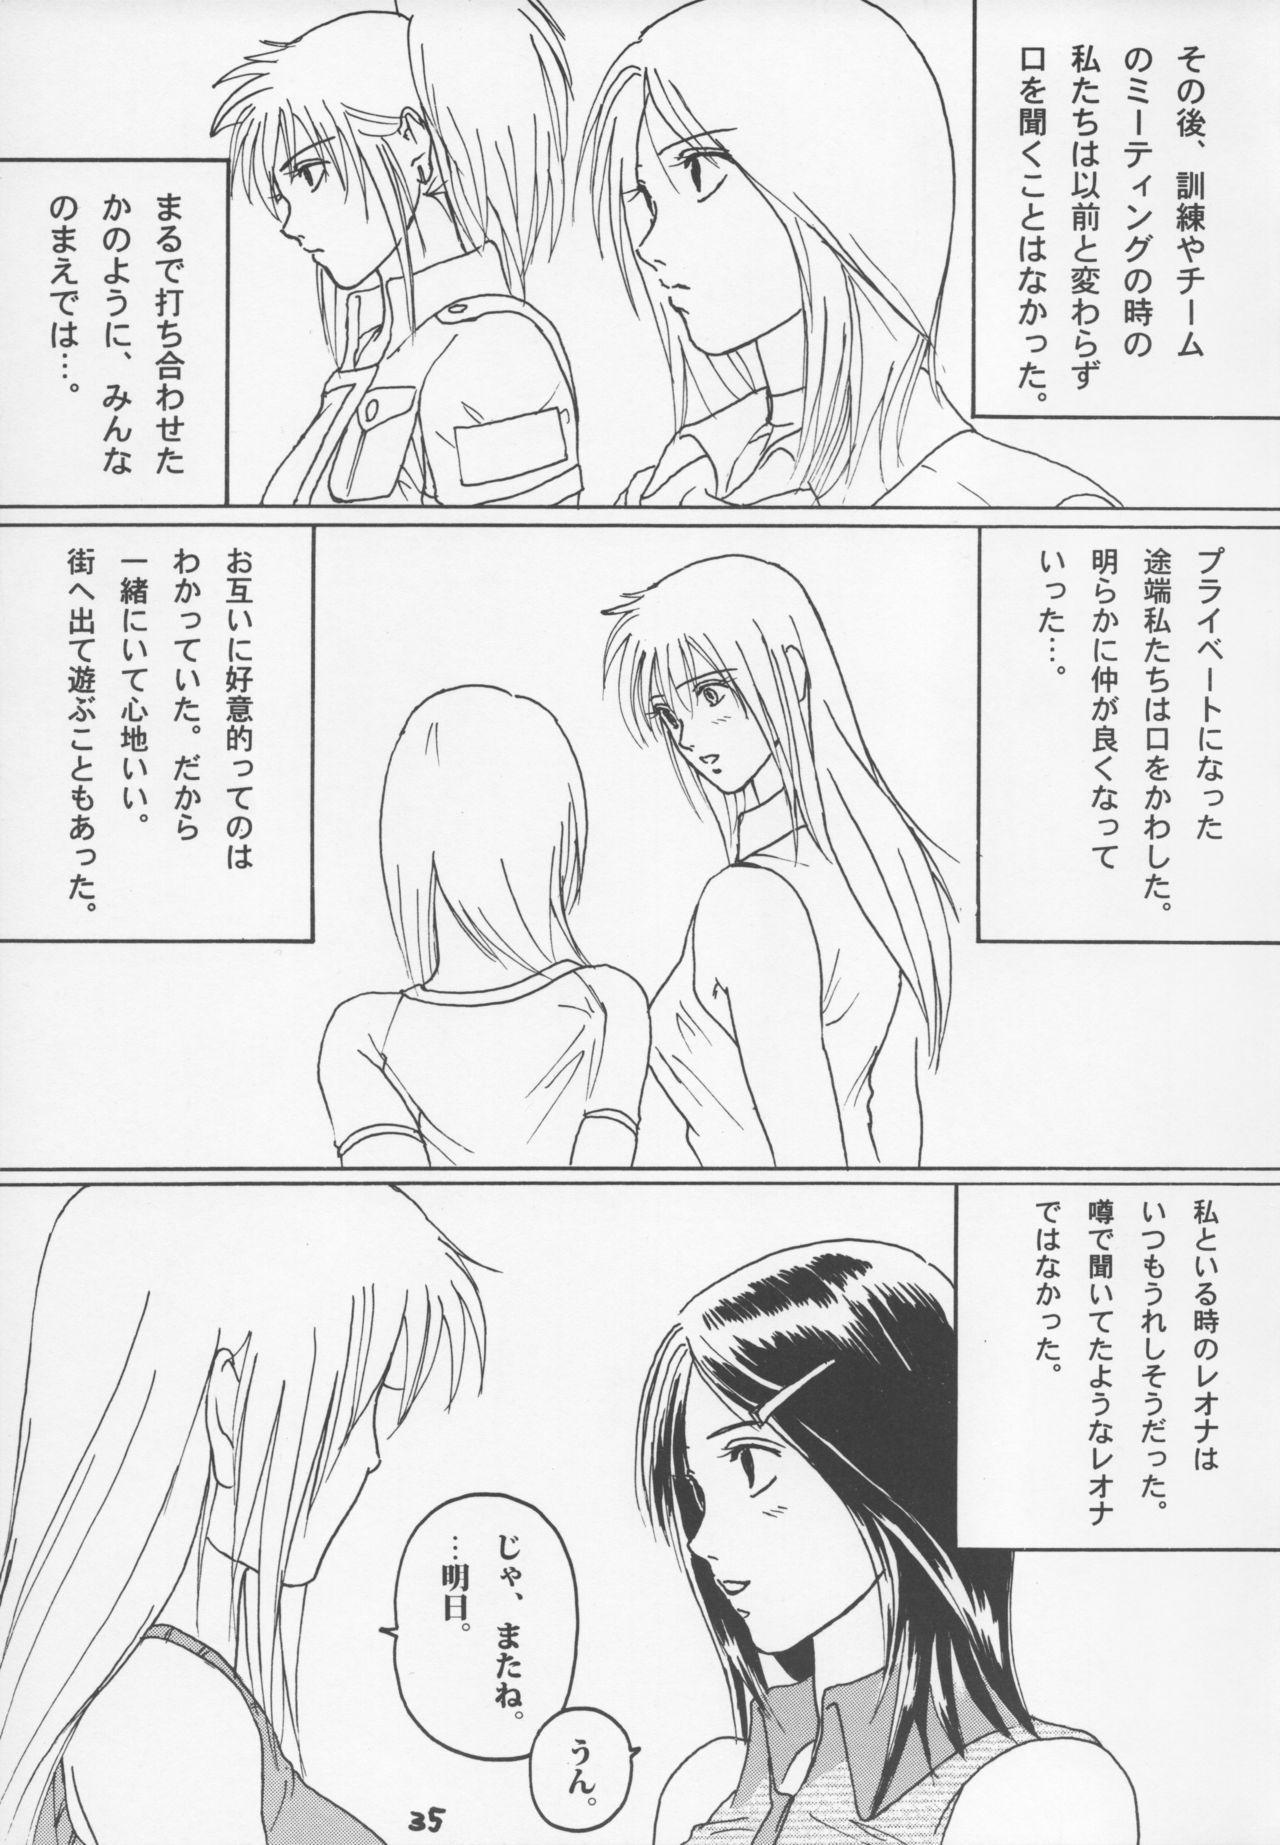 HJ.BAYNHAM Kikan PD Sairokushuu 31